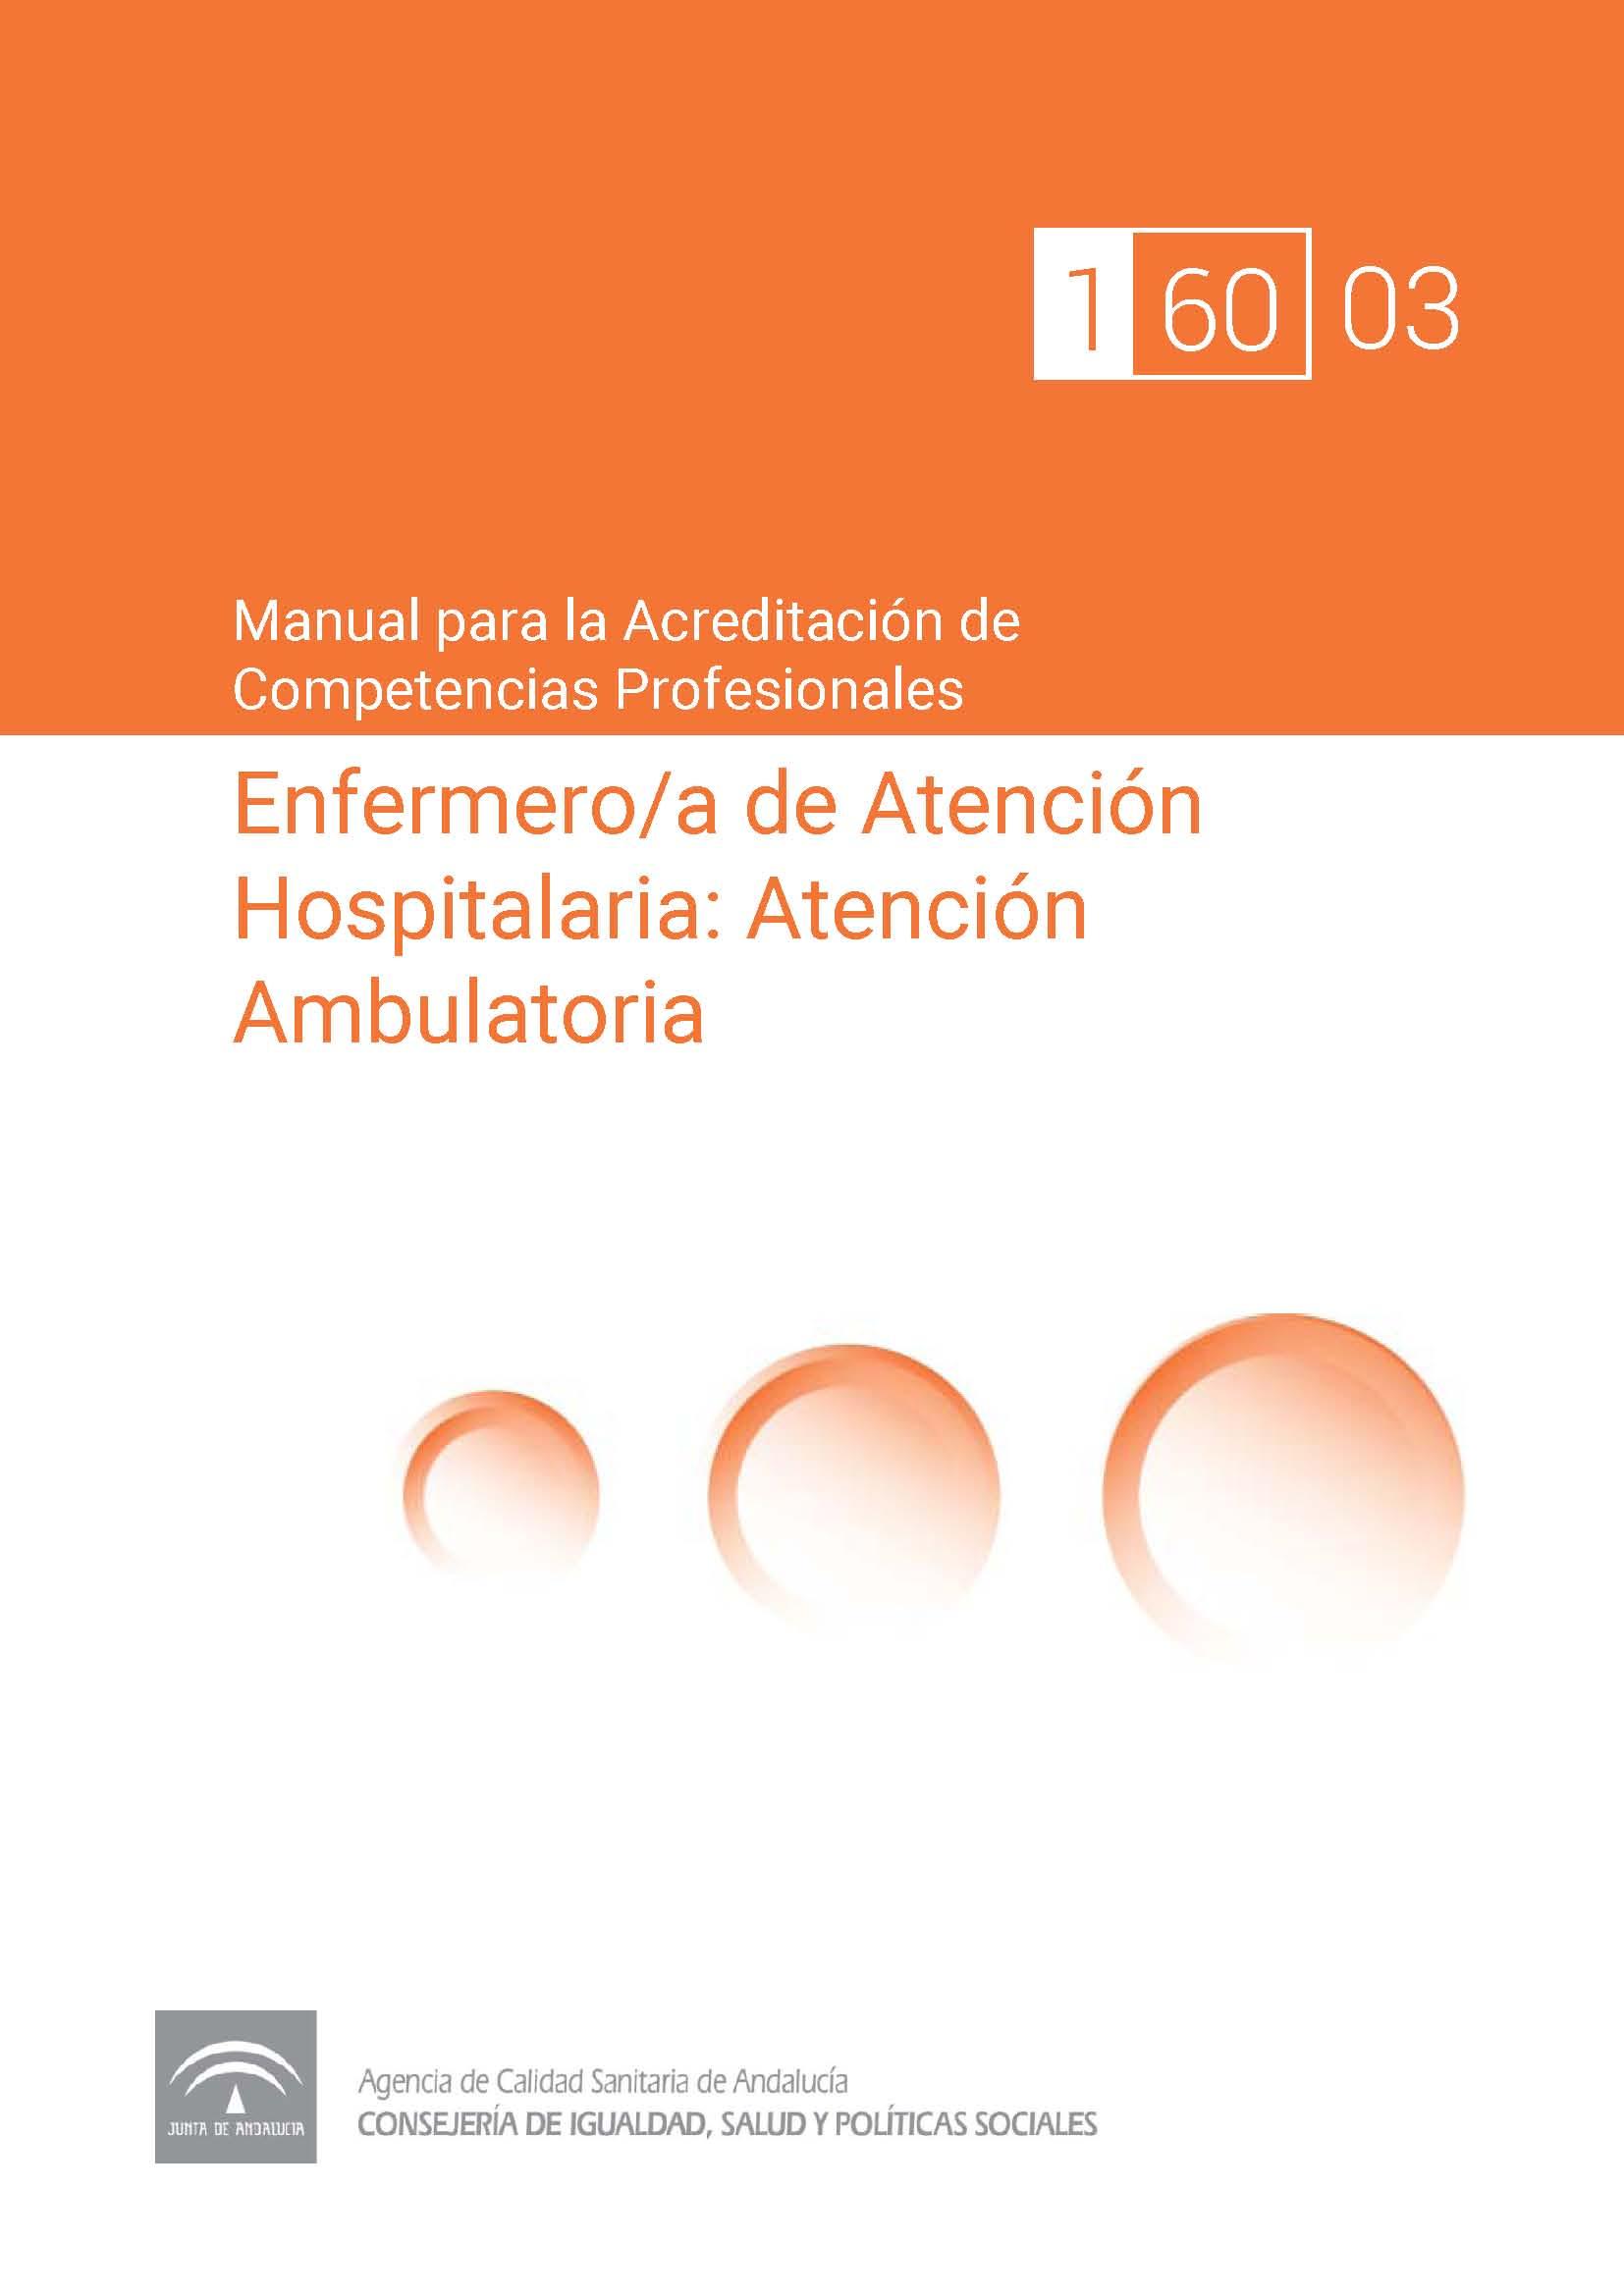 Manual de competencias profesionales del/de la Enfermero/a de Atención Hospitalaria: Atención Ambulatoria